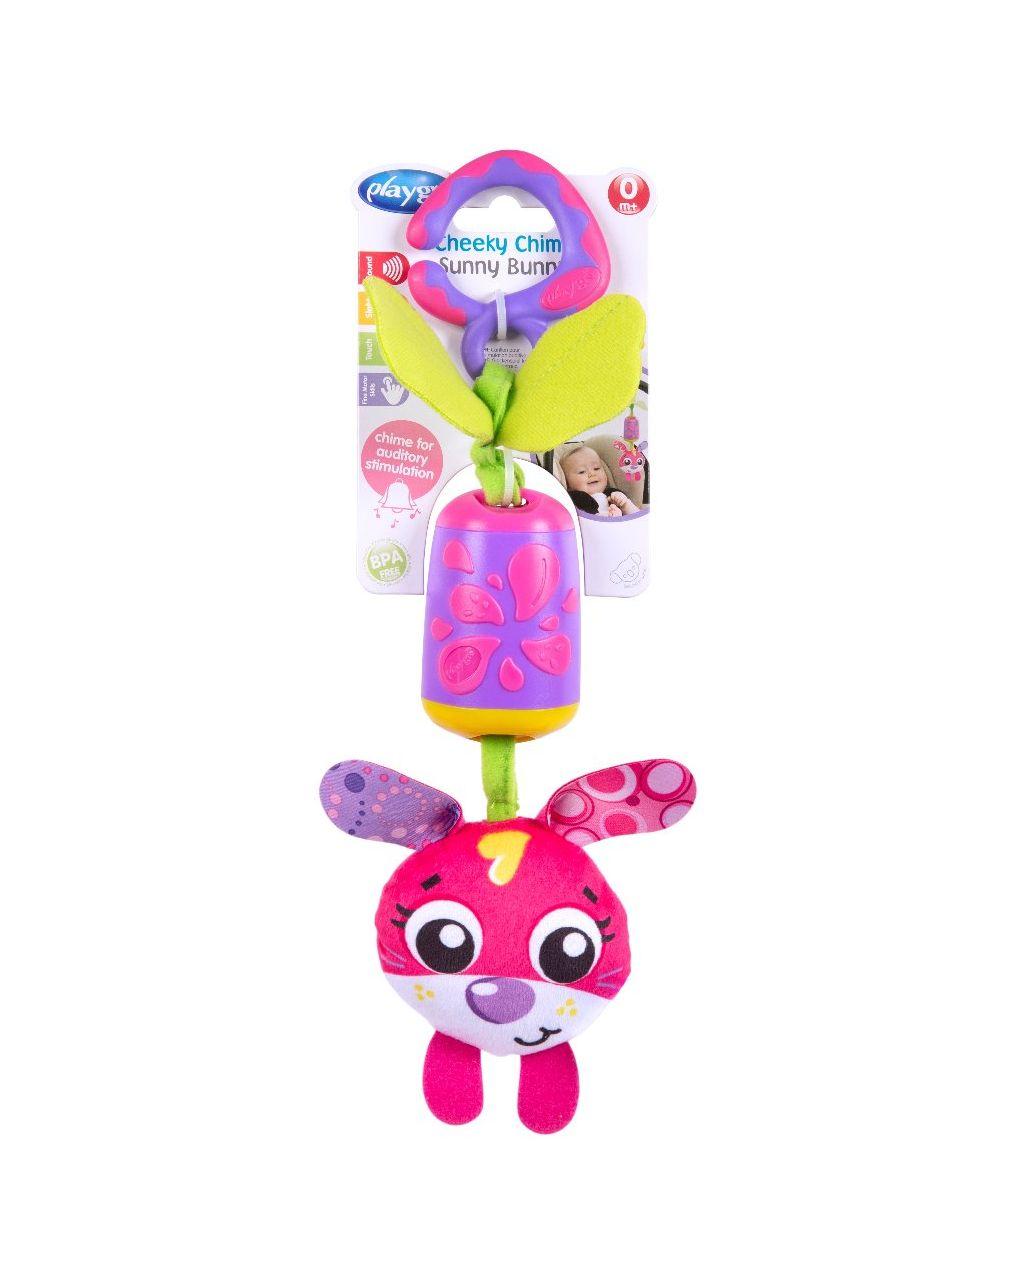 Playgro - cheecky chime sunny bunny - Playgro